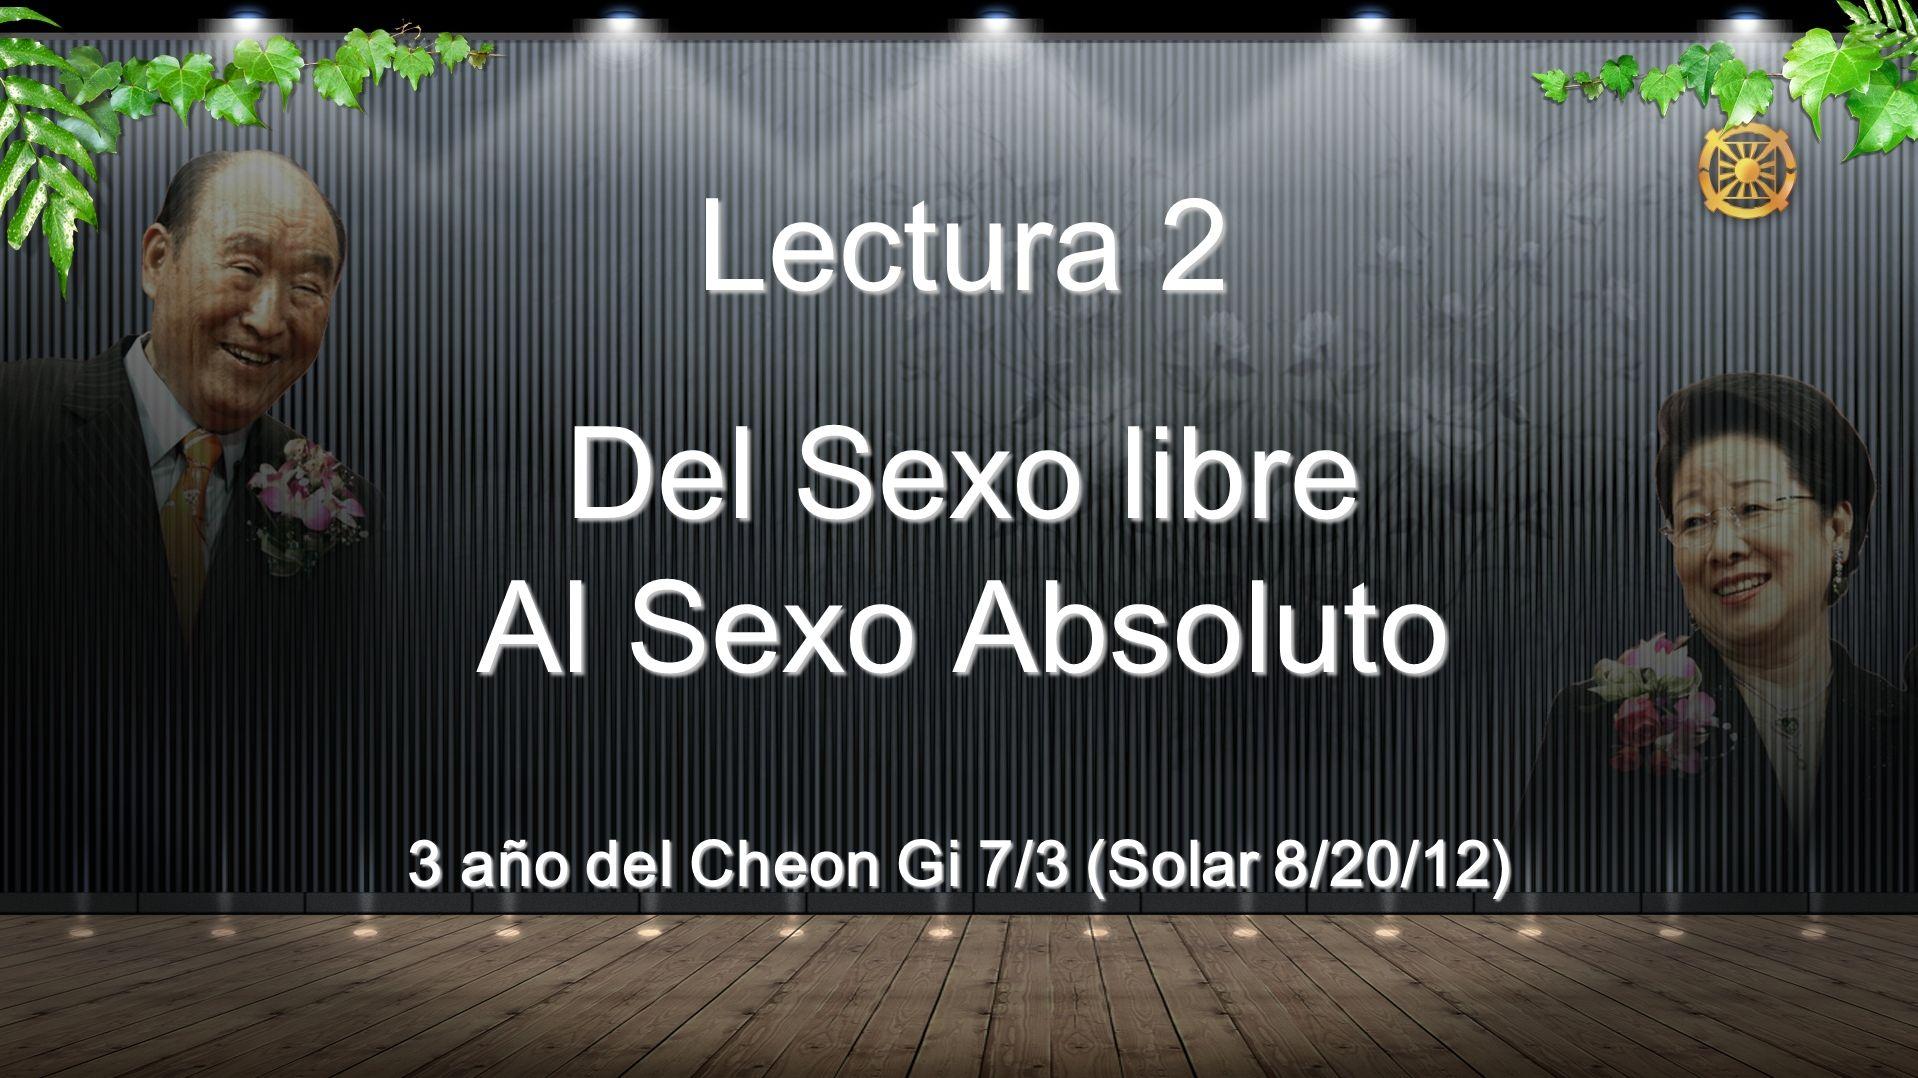 Lectura 2 Del Sexo libre Al Sexo Absoluto 3 año del Cheon Gi 7/3 (Solar 8/20/12)